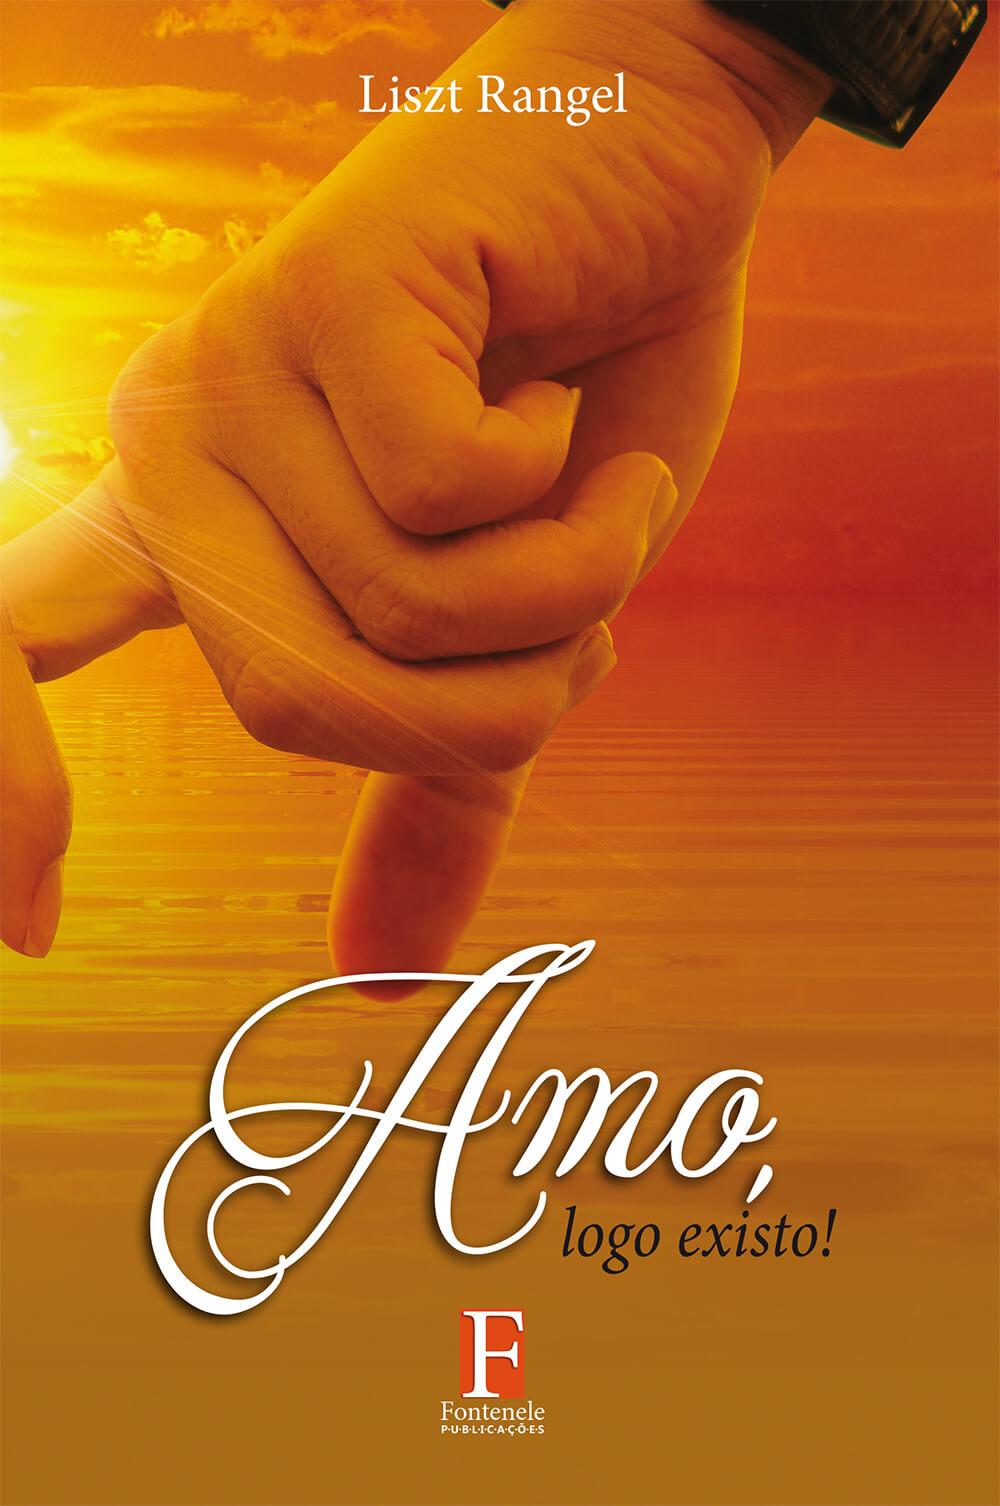 Fontenele Publicações / 11 95150-3481 / 11  95150-4383 Amo, logo existo!